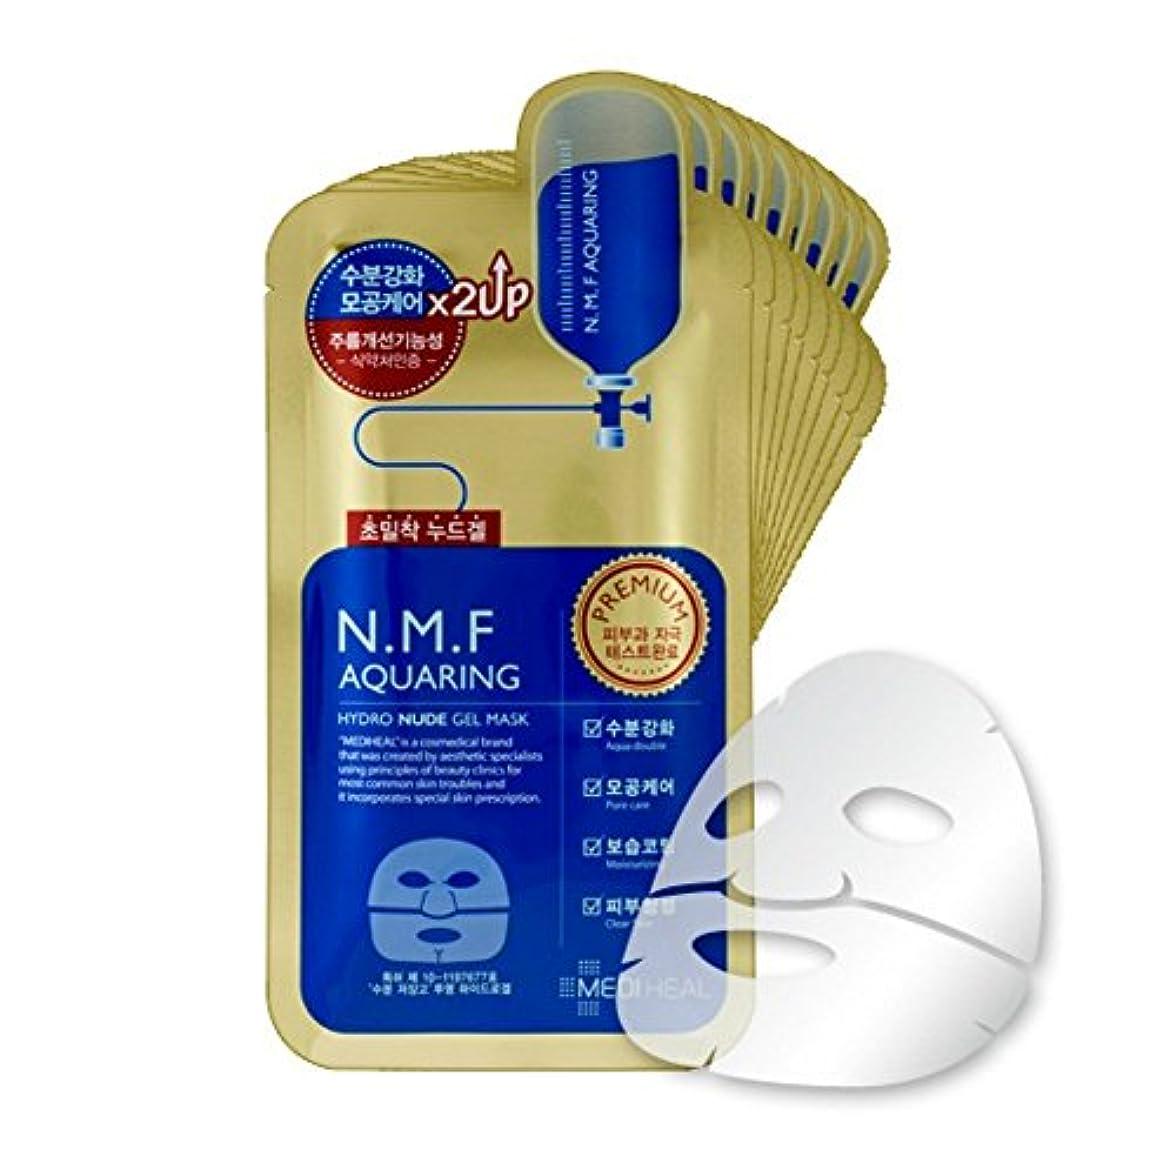 維持するロール不幸MEDIHEAL メディヒール NMF アクアリング ヌード ゲルマスク (10枚) [Mediheal premium NMF AQUARING Hydro Nude Gel 10 sheets] [並行輸入品]